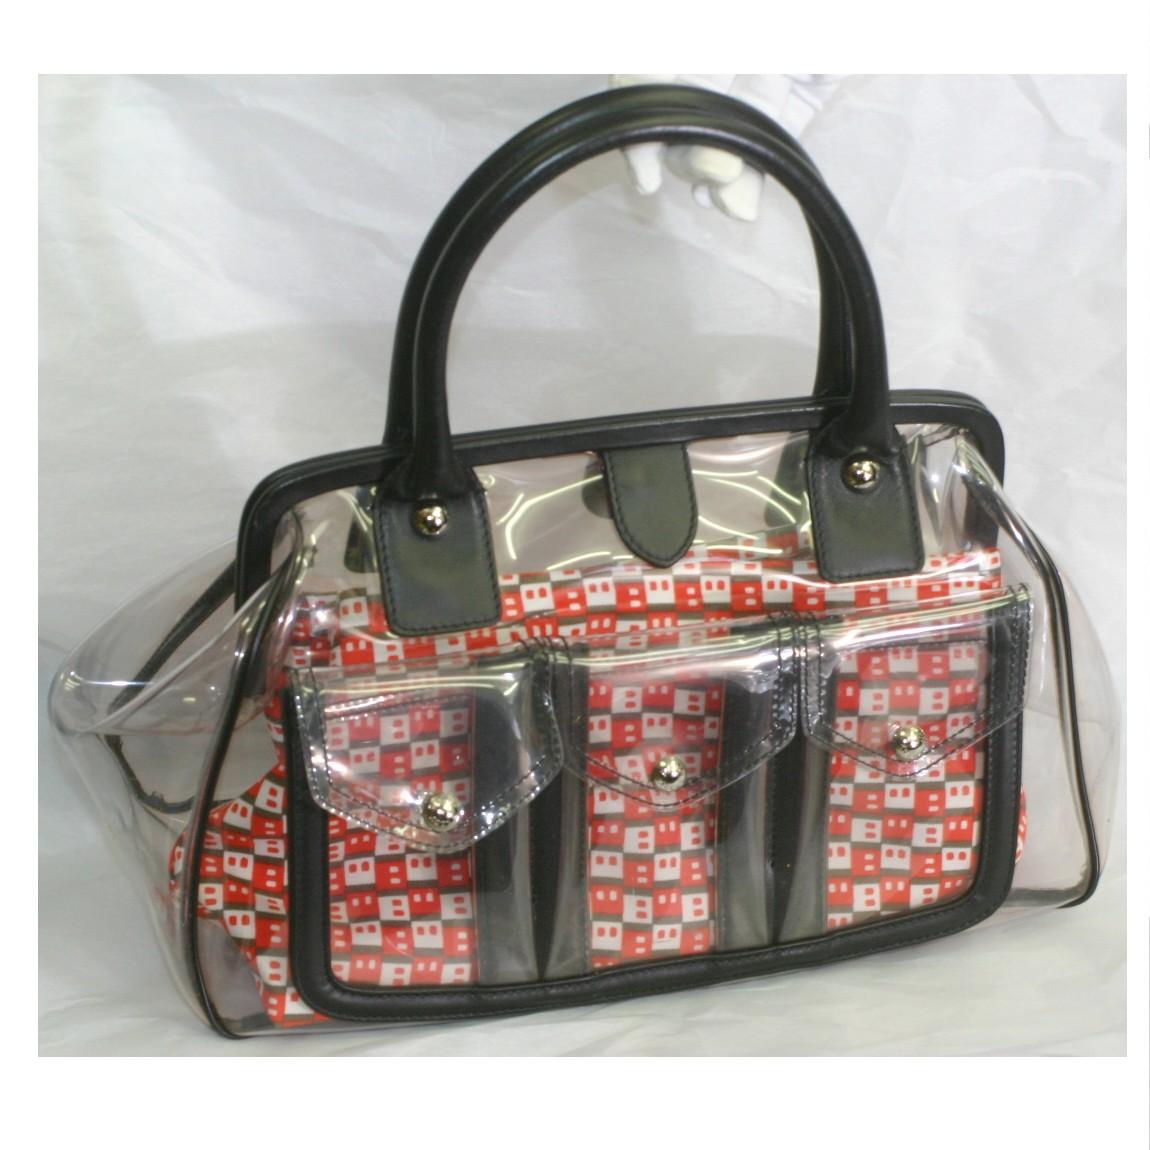 中古 本物綺麗BALLYバリーの女性用のがま口式クリアビニールx黒革素材のハンドバッグ サイズW34H18D14cm ○C15-51 ついに入荷 新着セール